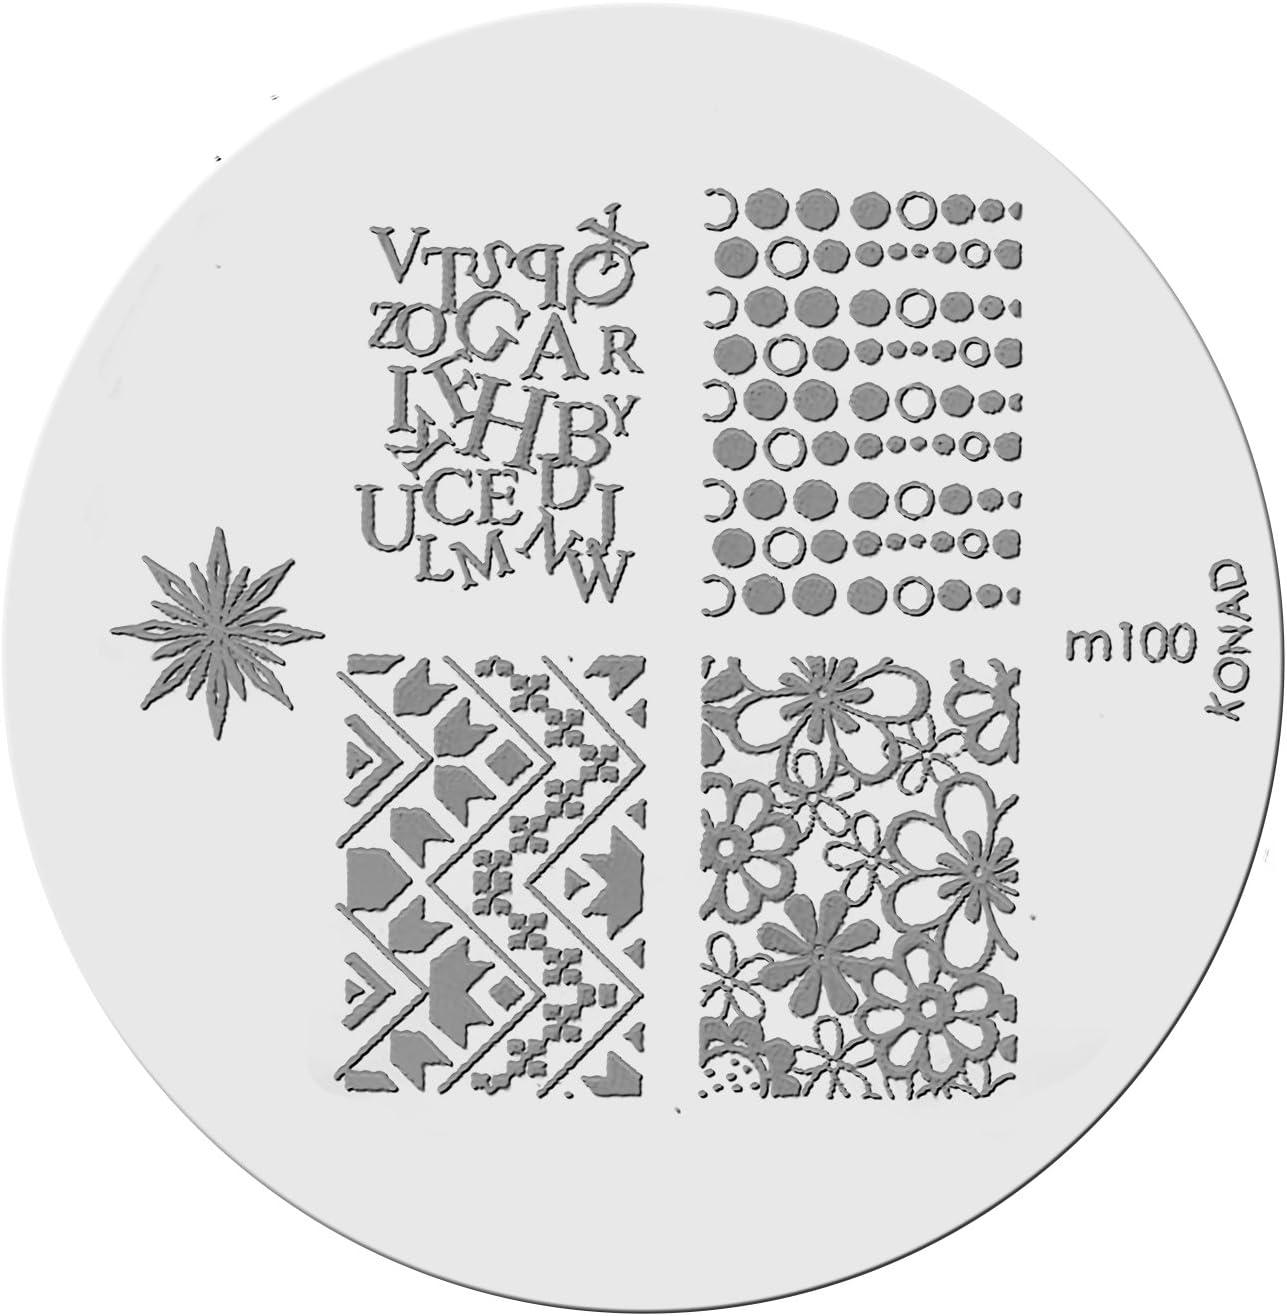 Placa de Diseños Konad Original. m100, Plantilla para uñas Konad España.: Amazon.es: Belleza